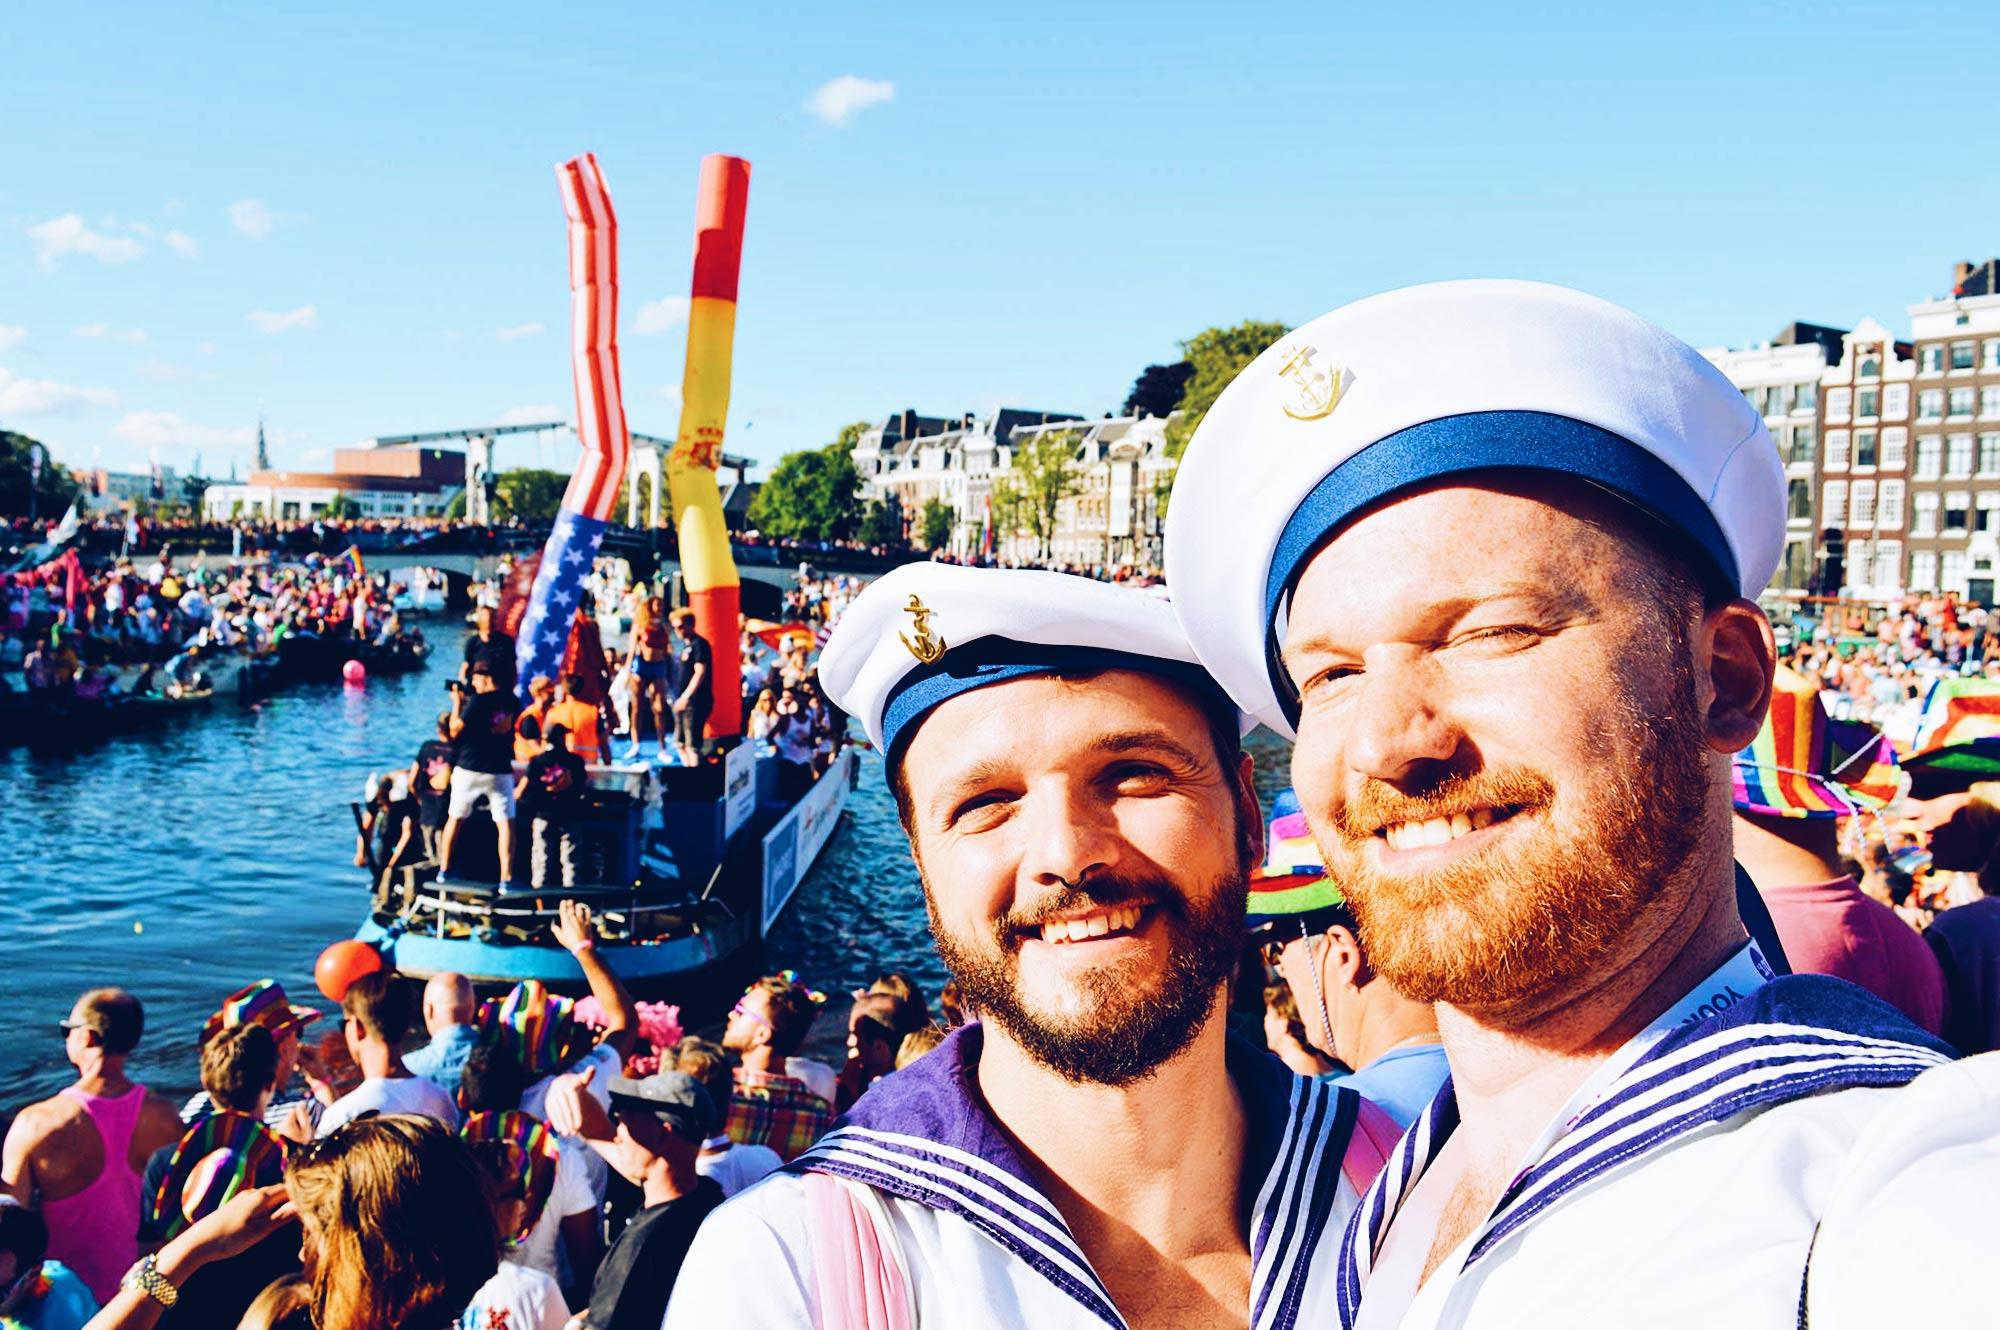 Strong Photos Gay Euro Pride Amsterdam 2016 © CoupleofMen.com